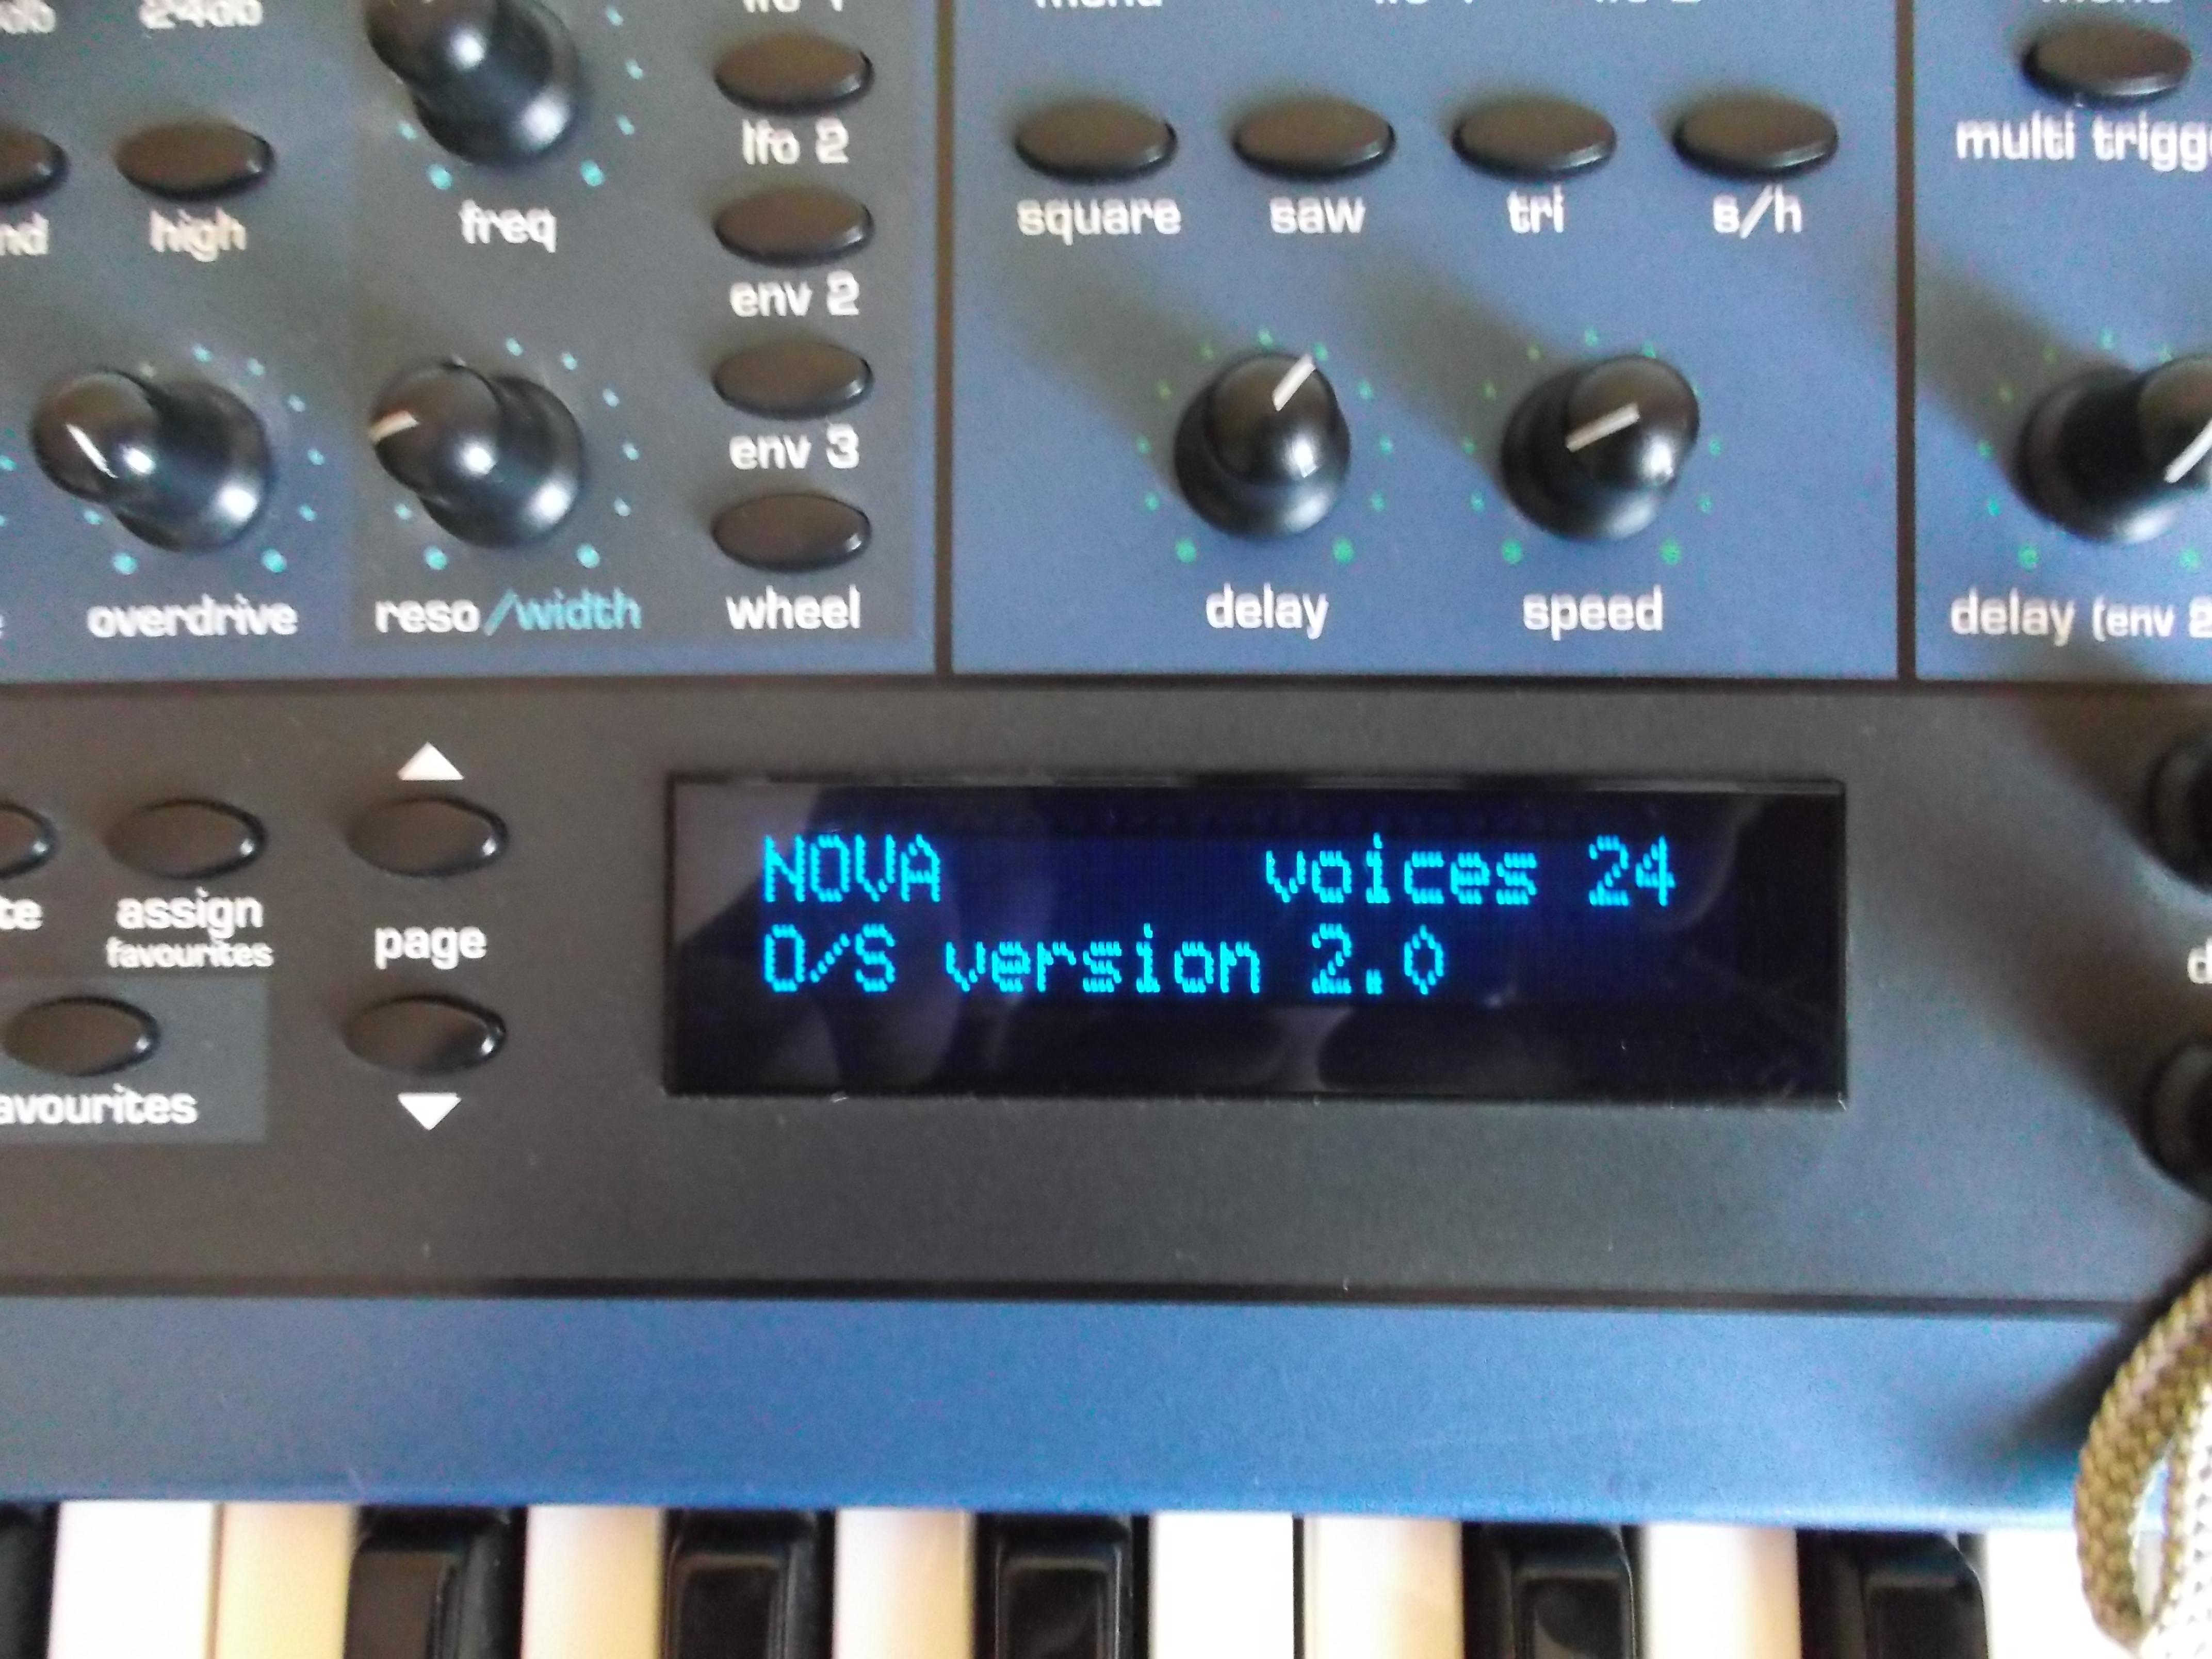 Peterlynn Nova  Novation-nova-ii-2255119